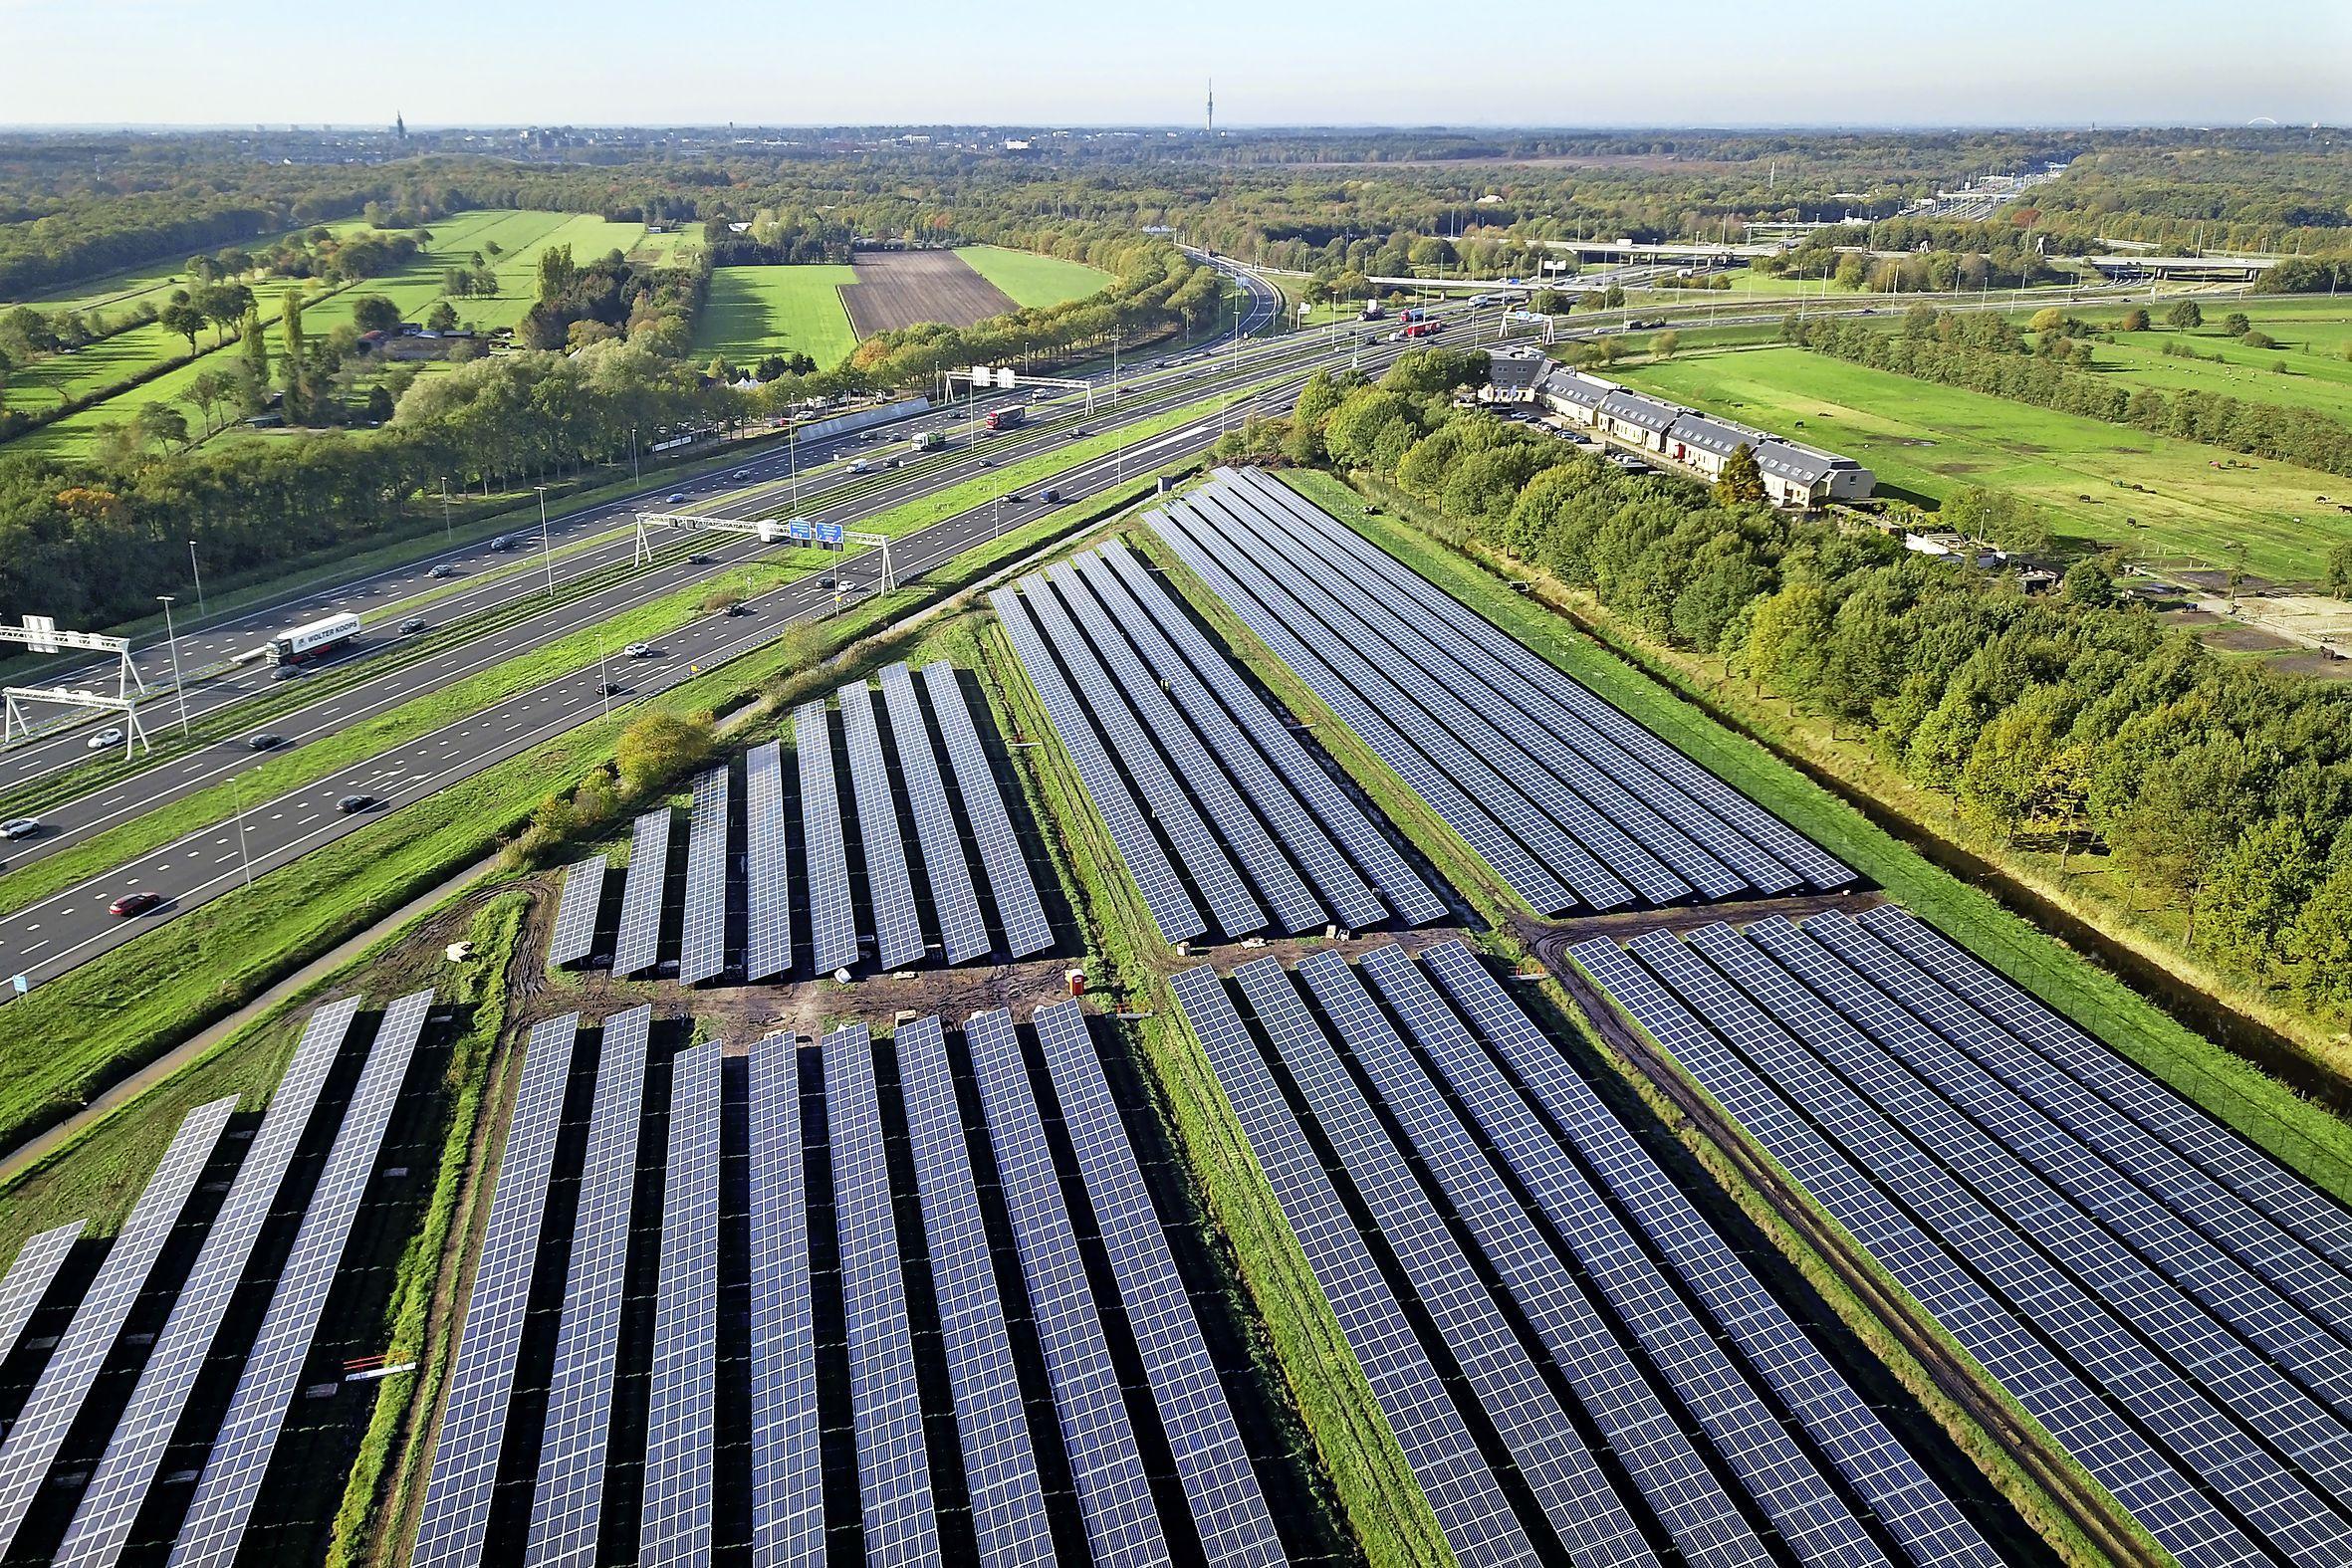 Weilanden vol zonnepanelen en windturbines? Niet doen!, roept ingenieur Johan Herman de Groot; 'De winst is te klein en de schade te groot. Kijk naar de feiten en ga voor aardwarmte'